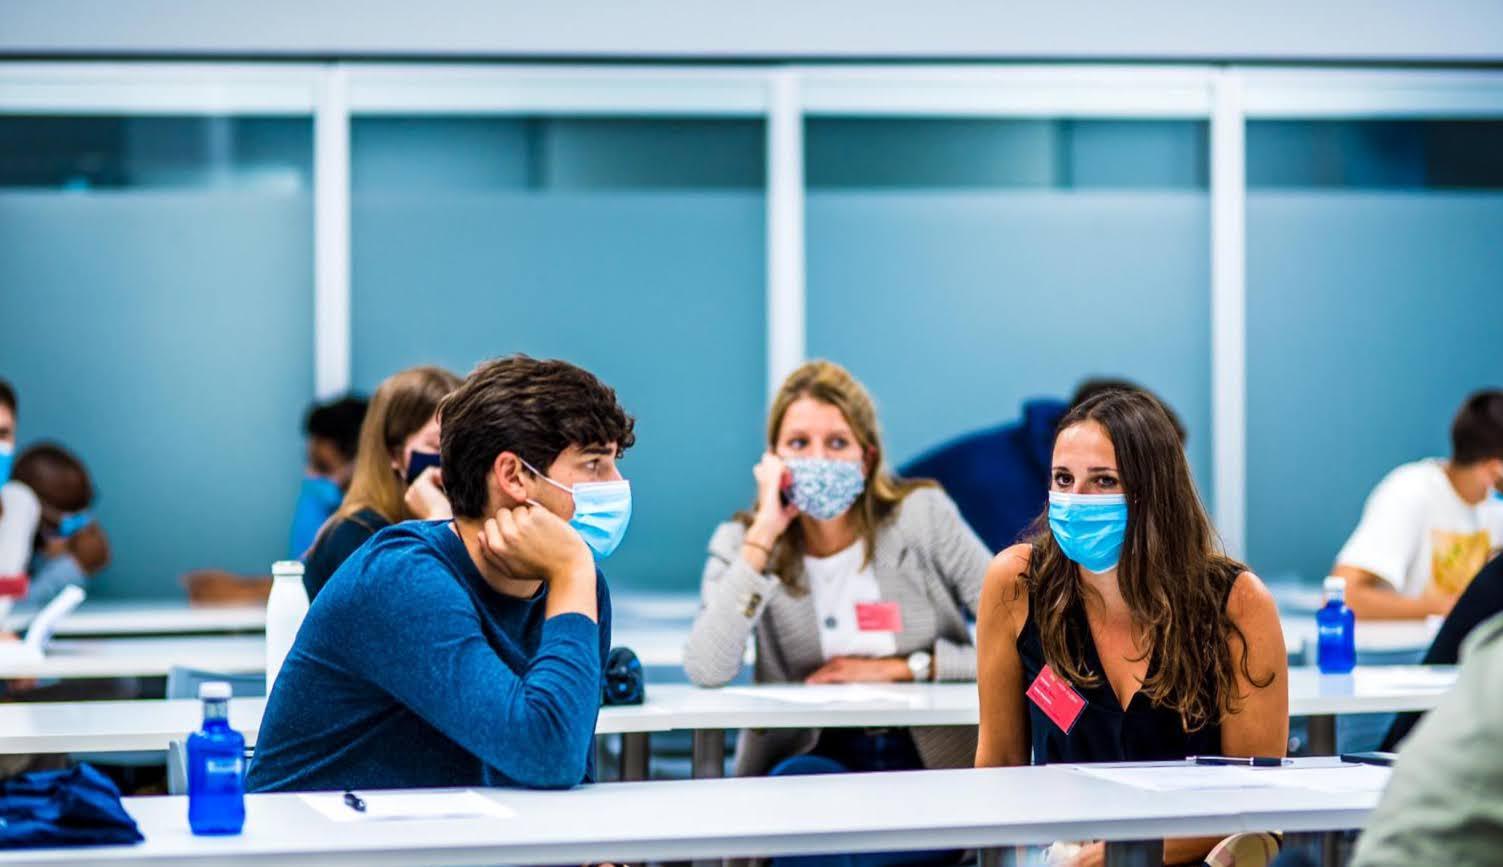 Κορωνοϊός επιδημιολογικό φορτίο: Σήμερα η απόφαση για γυμνάσια – λύκεια